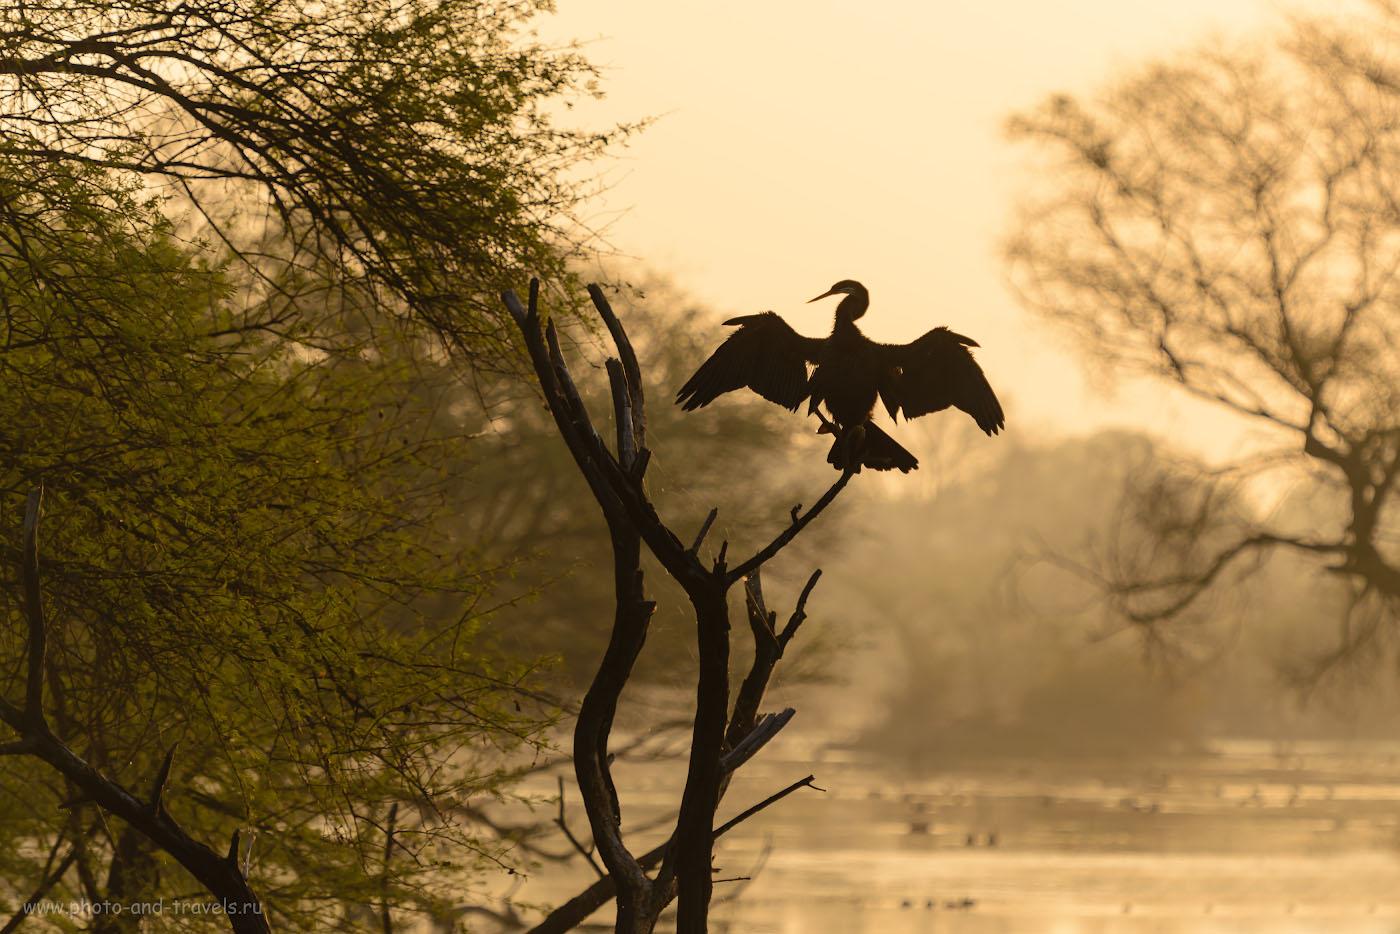 Снимок 6. Фотоохота на баклана в заповеднике Кеоладео. 1/800, 4.0, 180, 190.